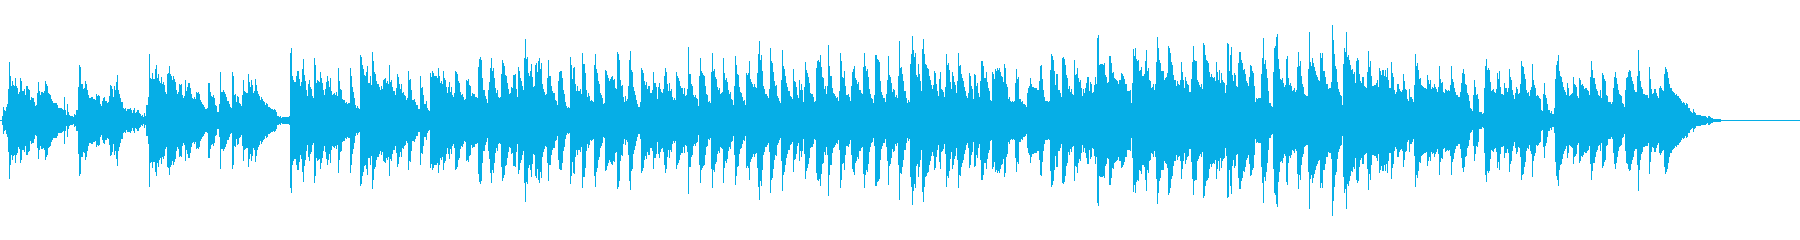 【ピアノ/バンドネオン/ギターのみ短尺】の再生済みの波形